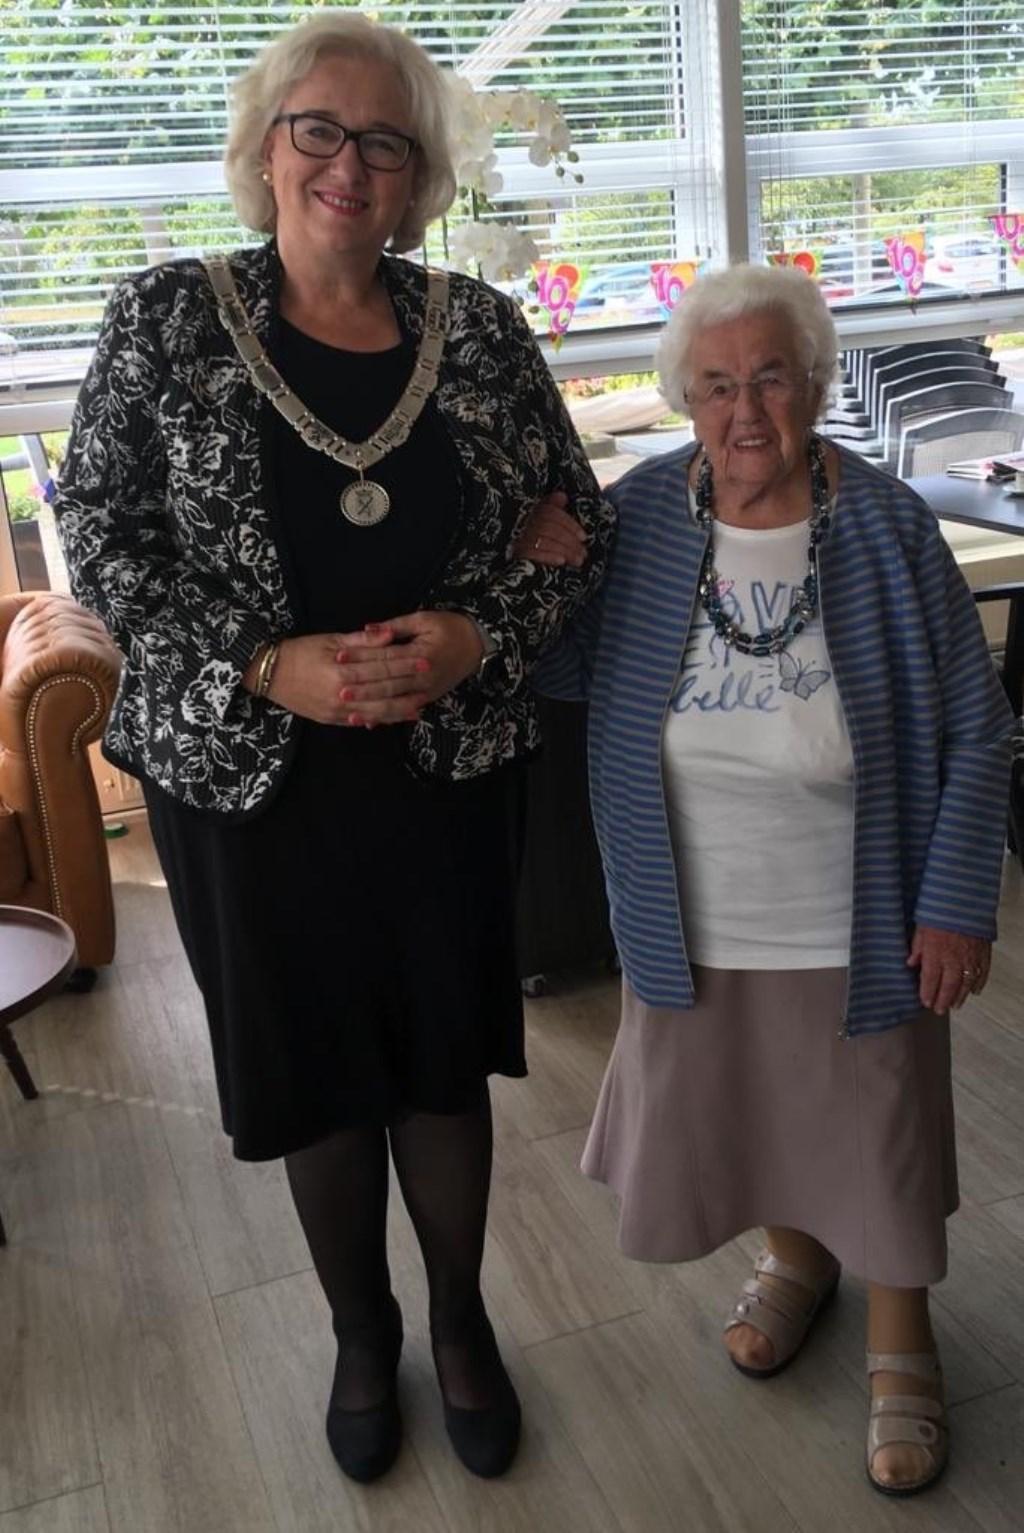 Burgemeester Marianne Schuurmans en de jarige mevrouw Struik-Goudriaan.  (Foto: Twitter: @marianneschuurm) © rodi